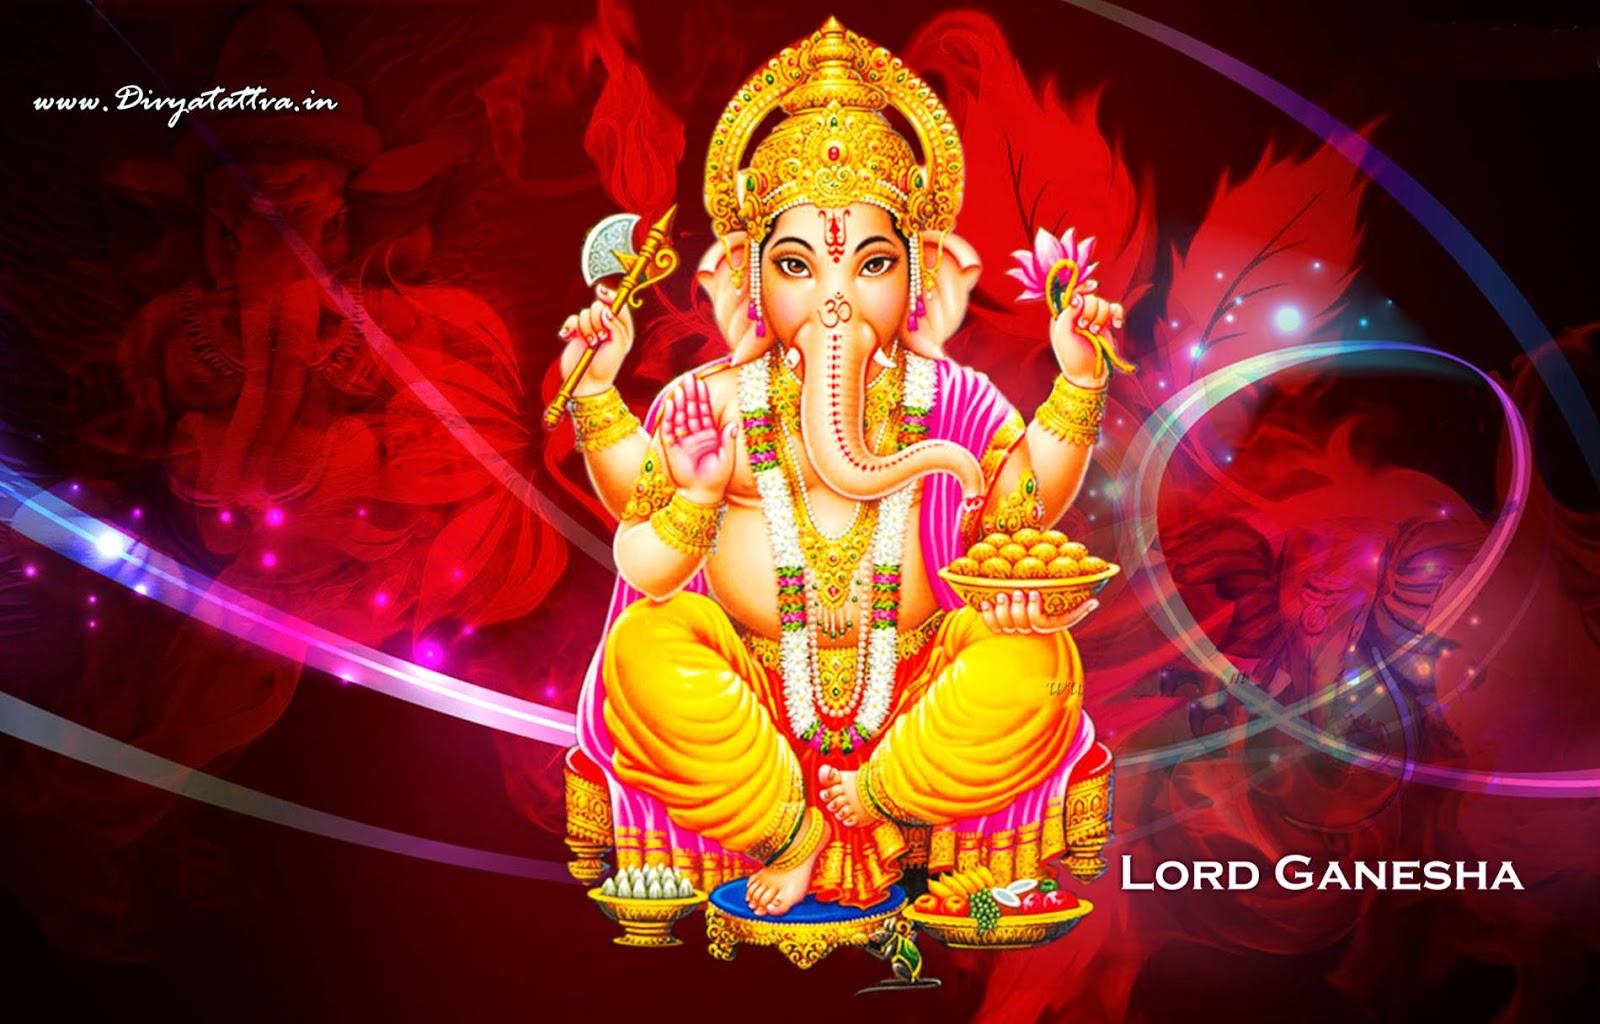 81 813720 ganesha wallpaper lord ganesh hd wallpapers free download